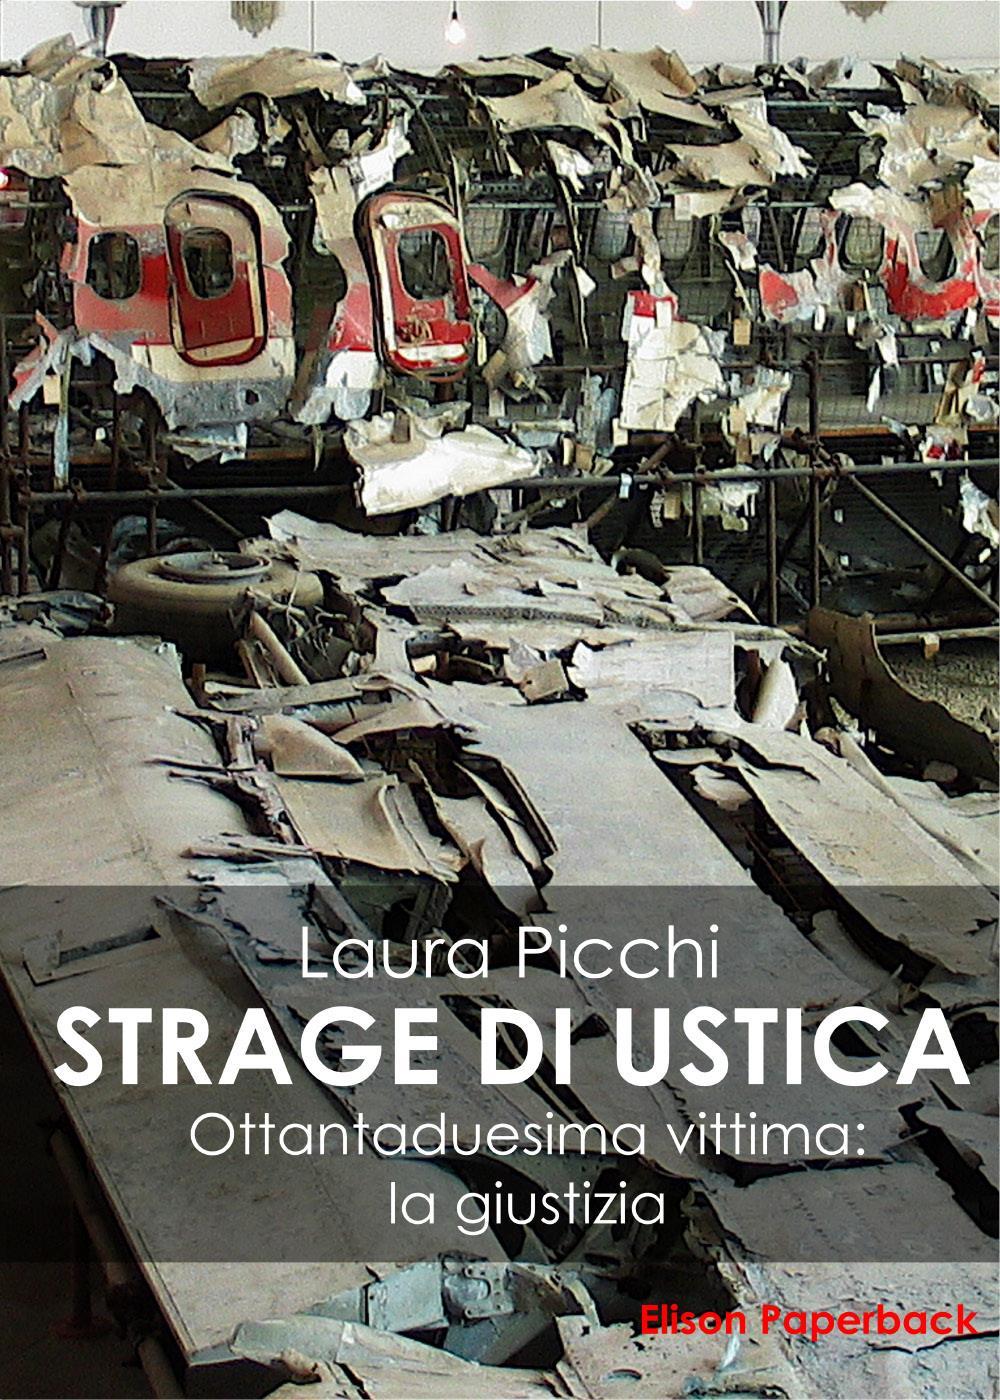 La strage di Ustica